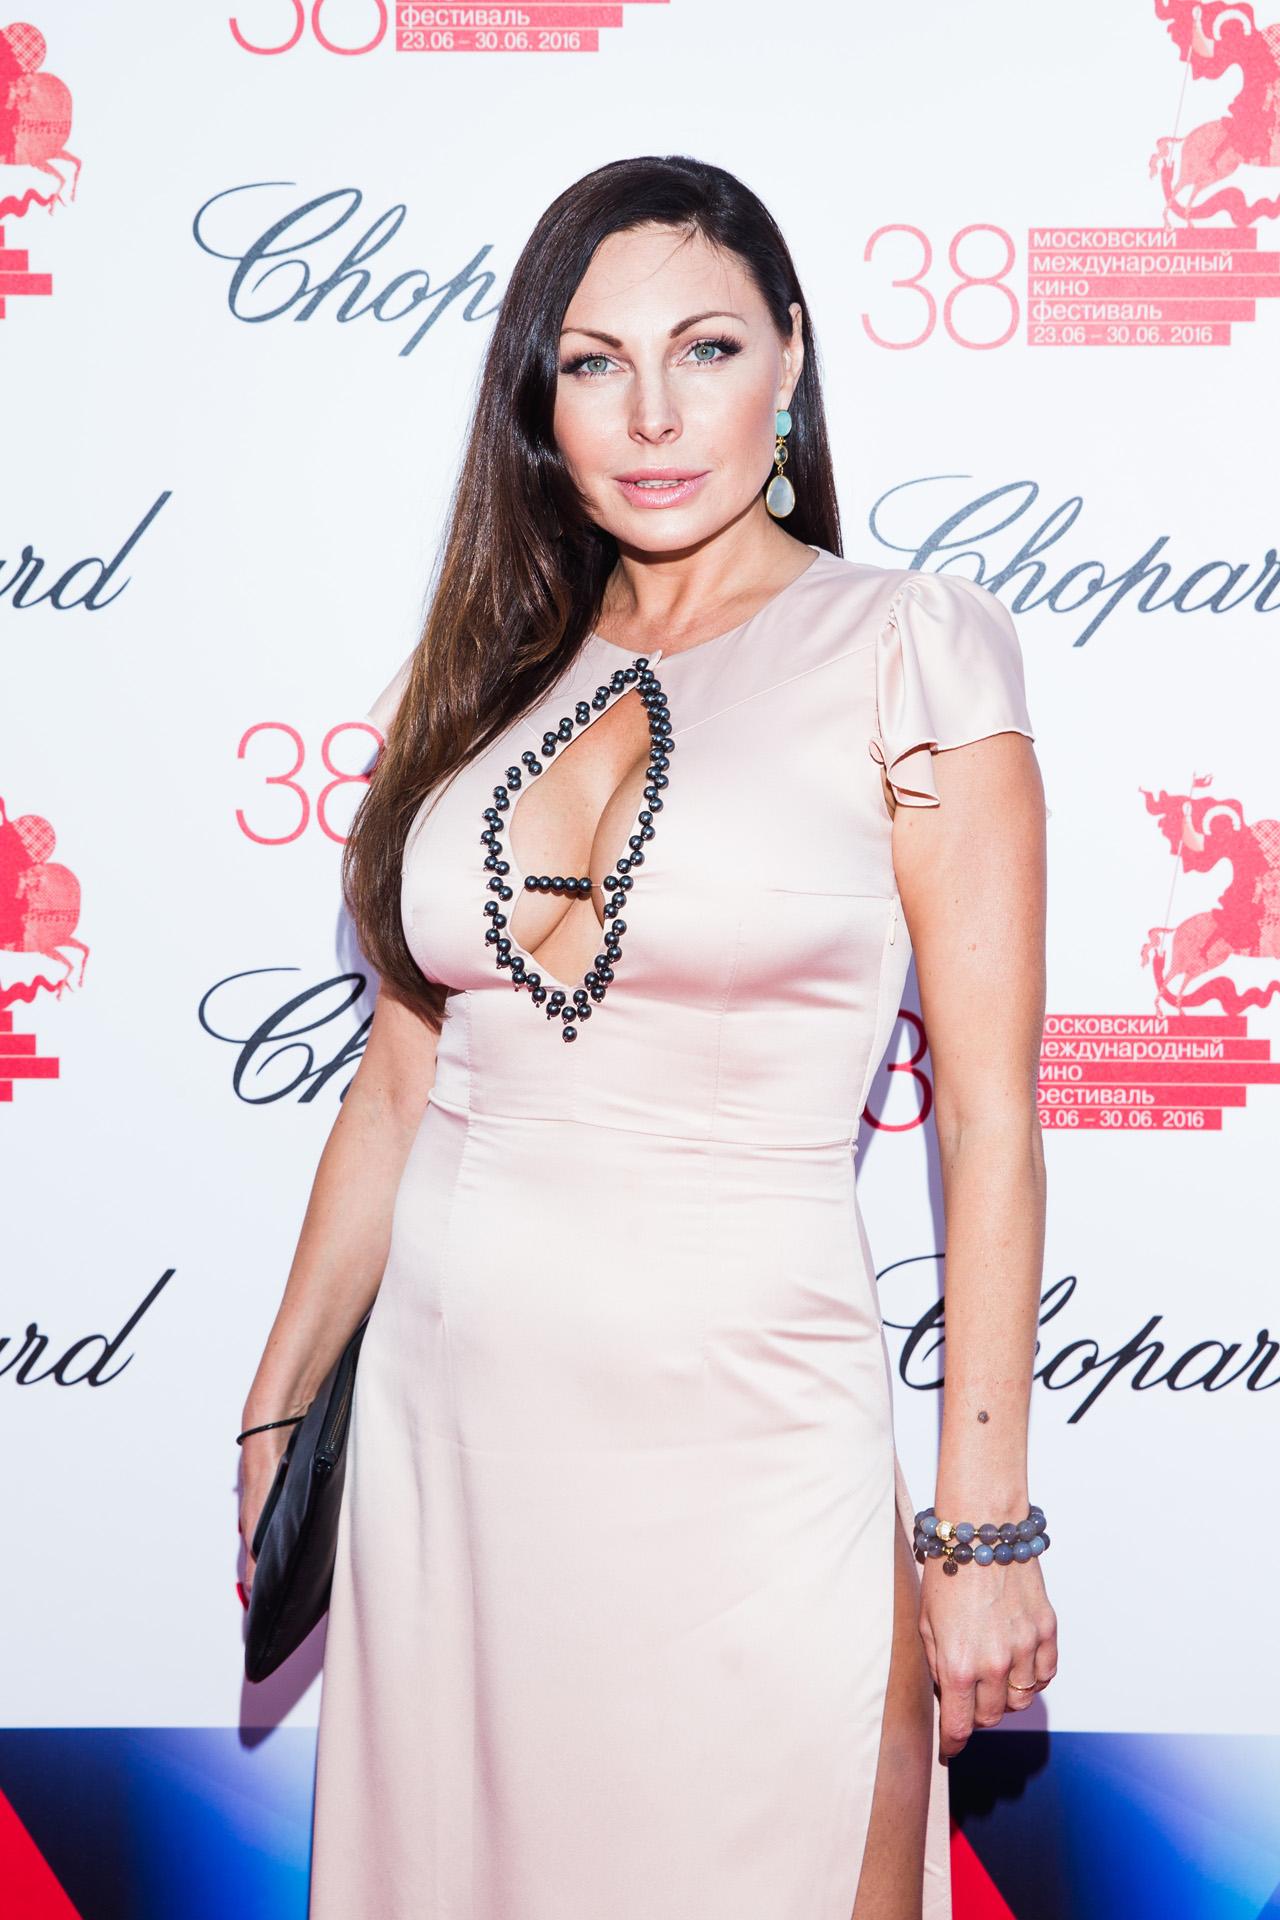 Екатерина стриженова беременна 2018 фото